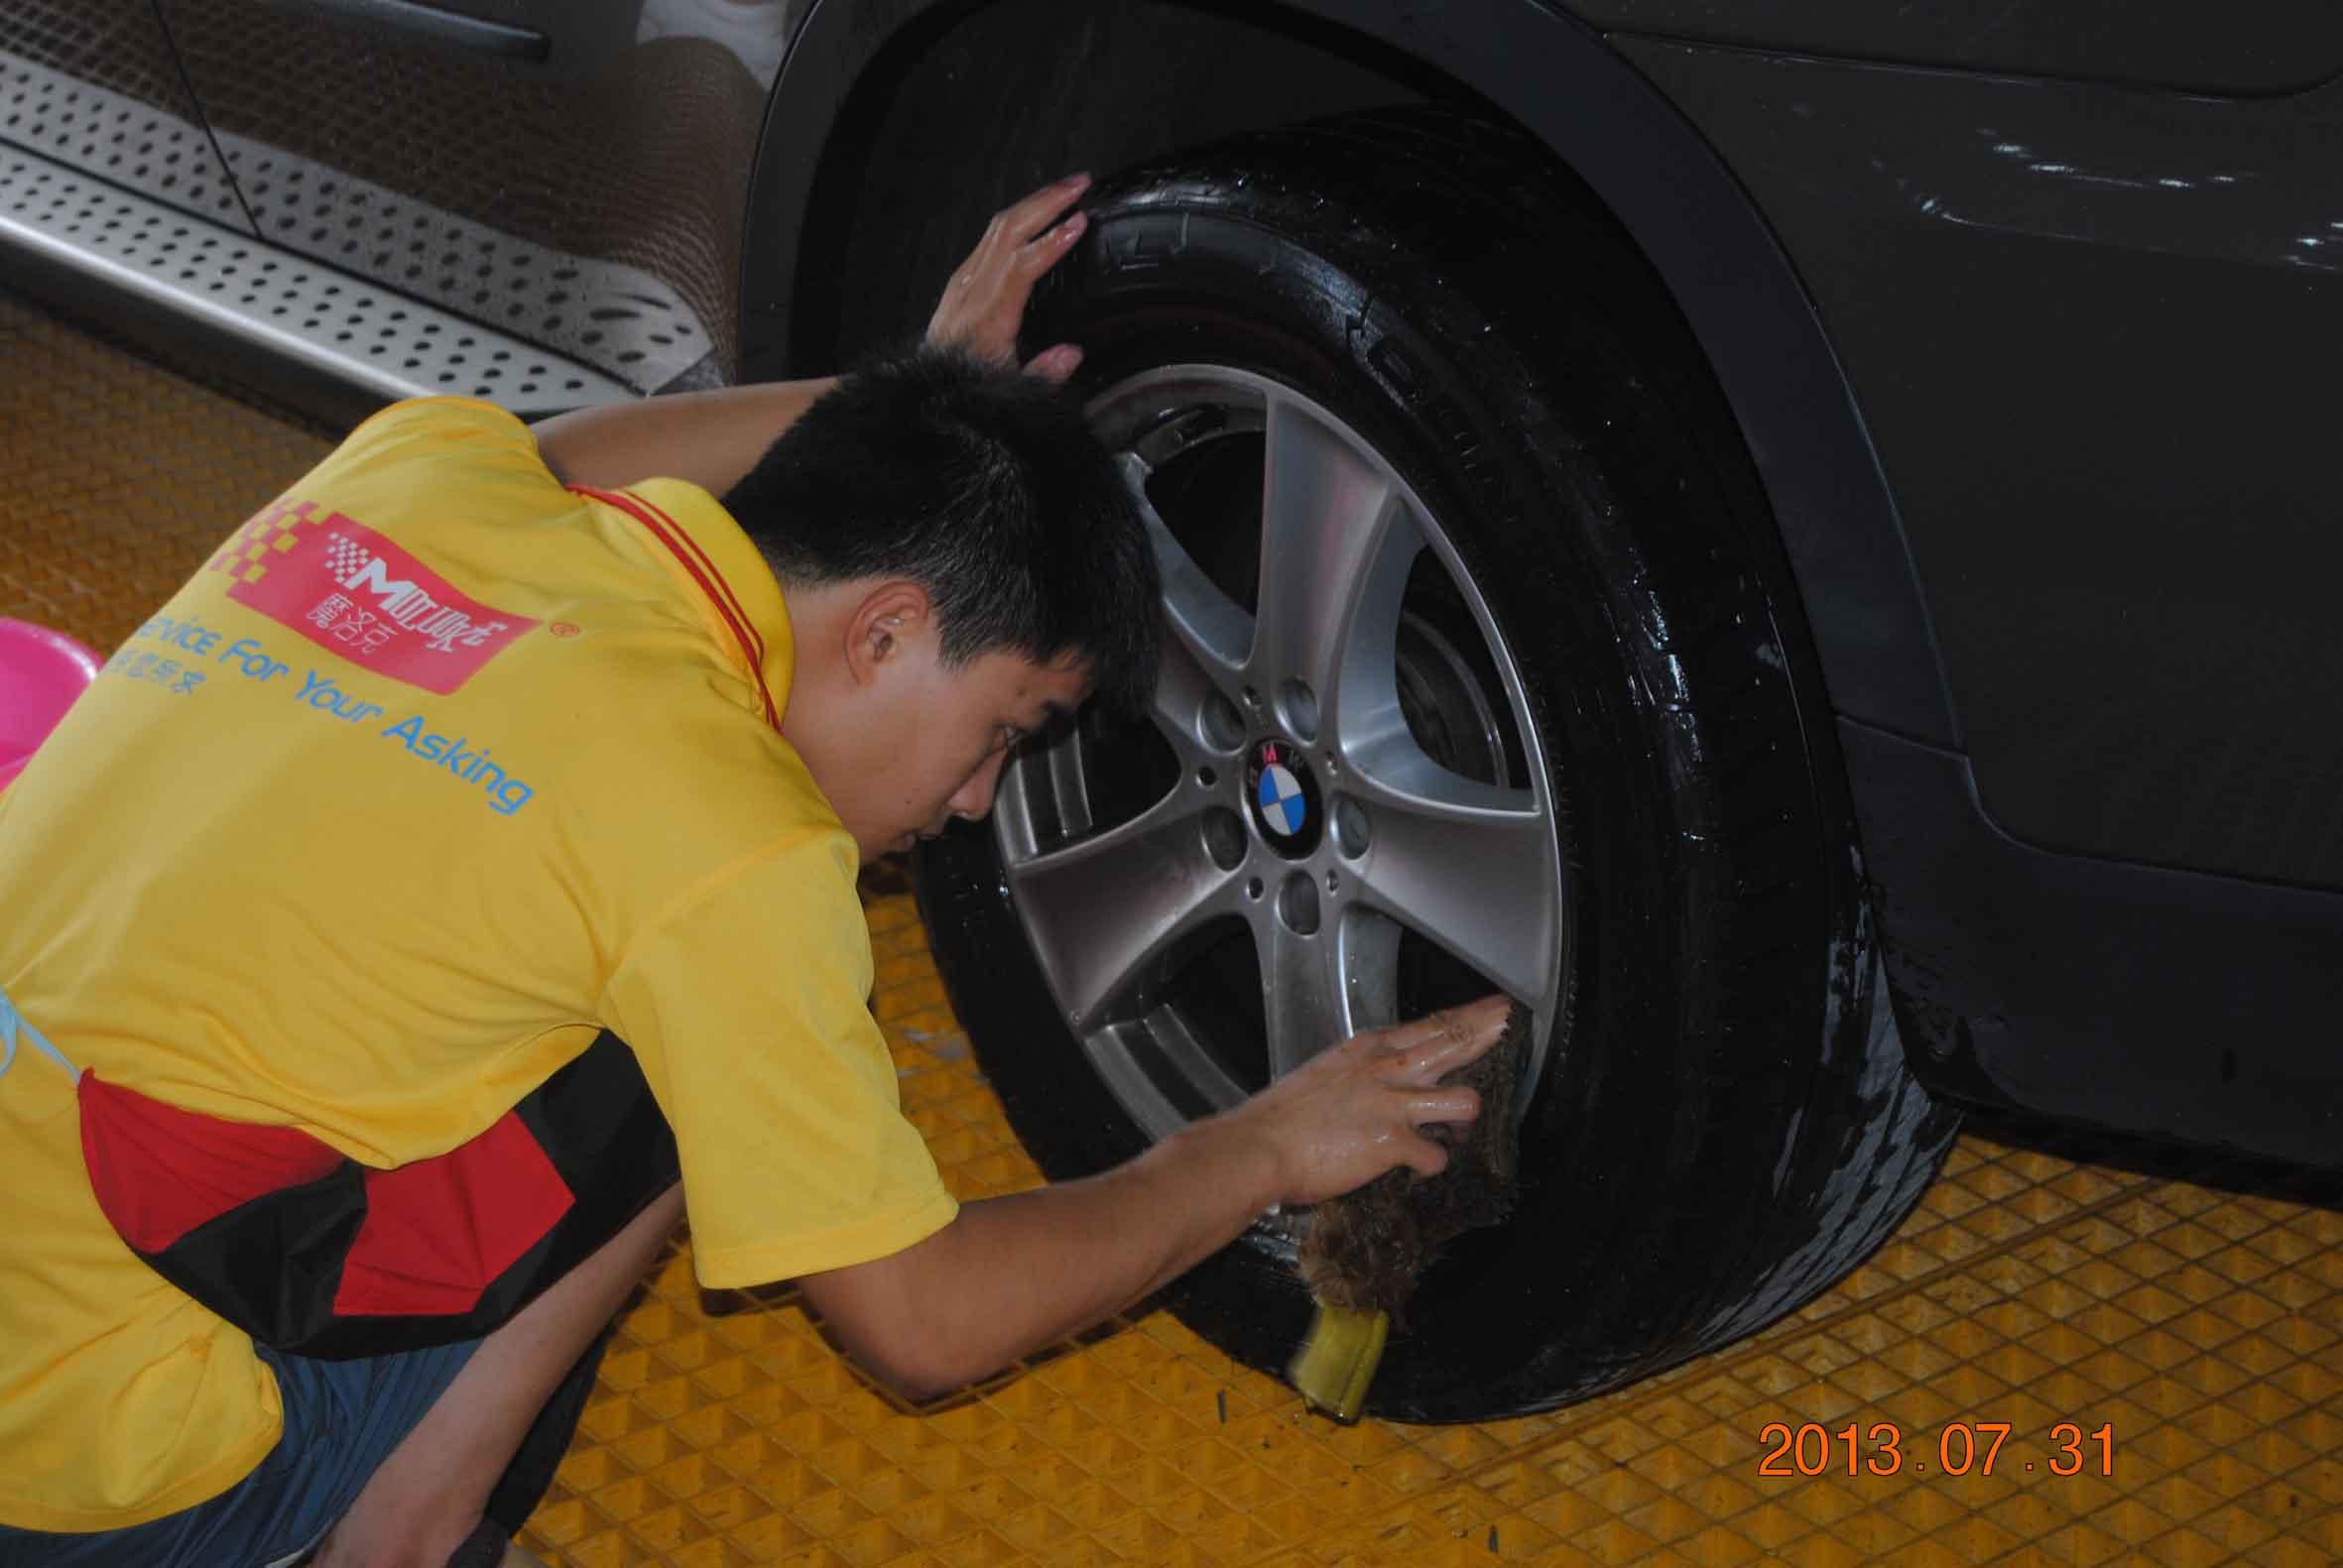 上哪找专业的专业汽车美容服务 ——汽车内饰消毒价格